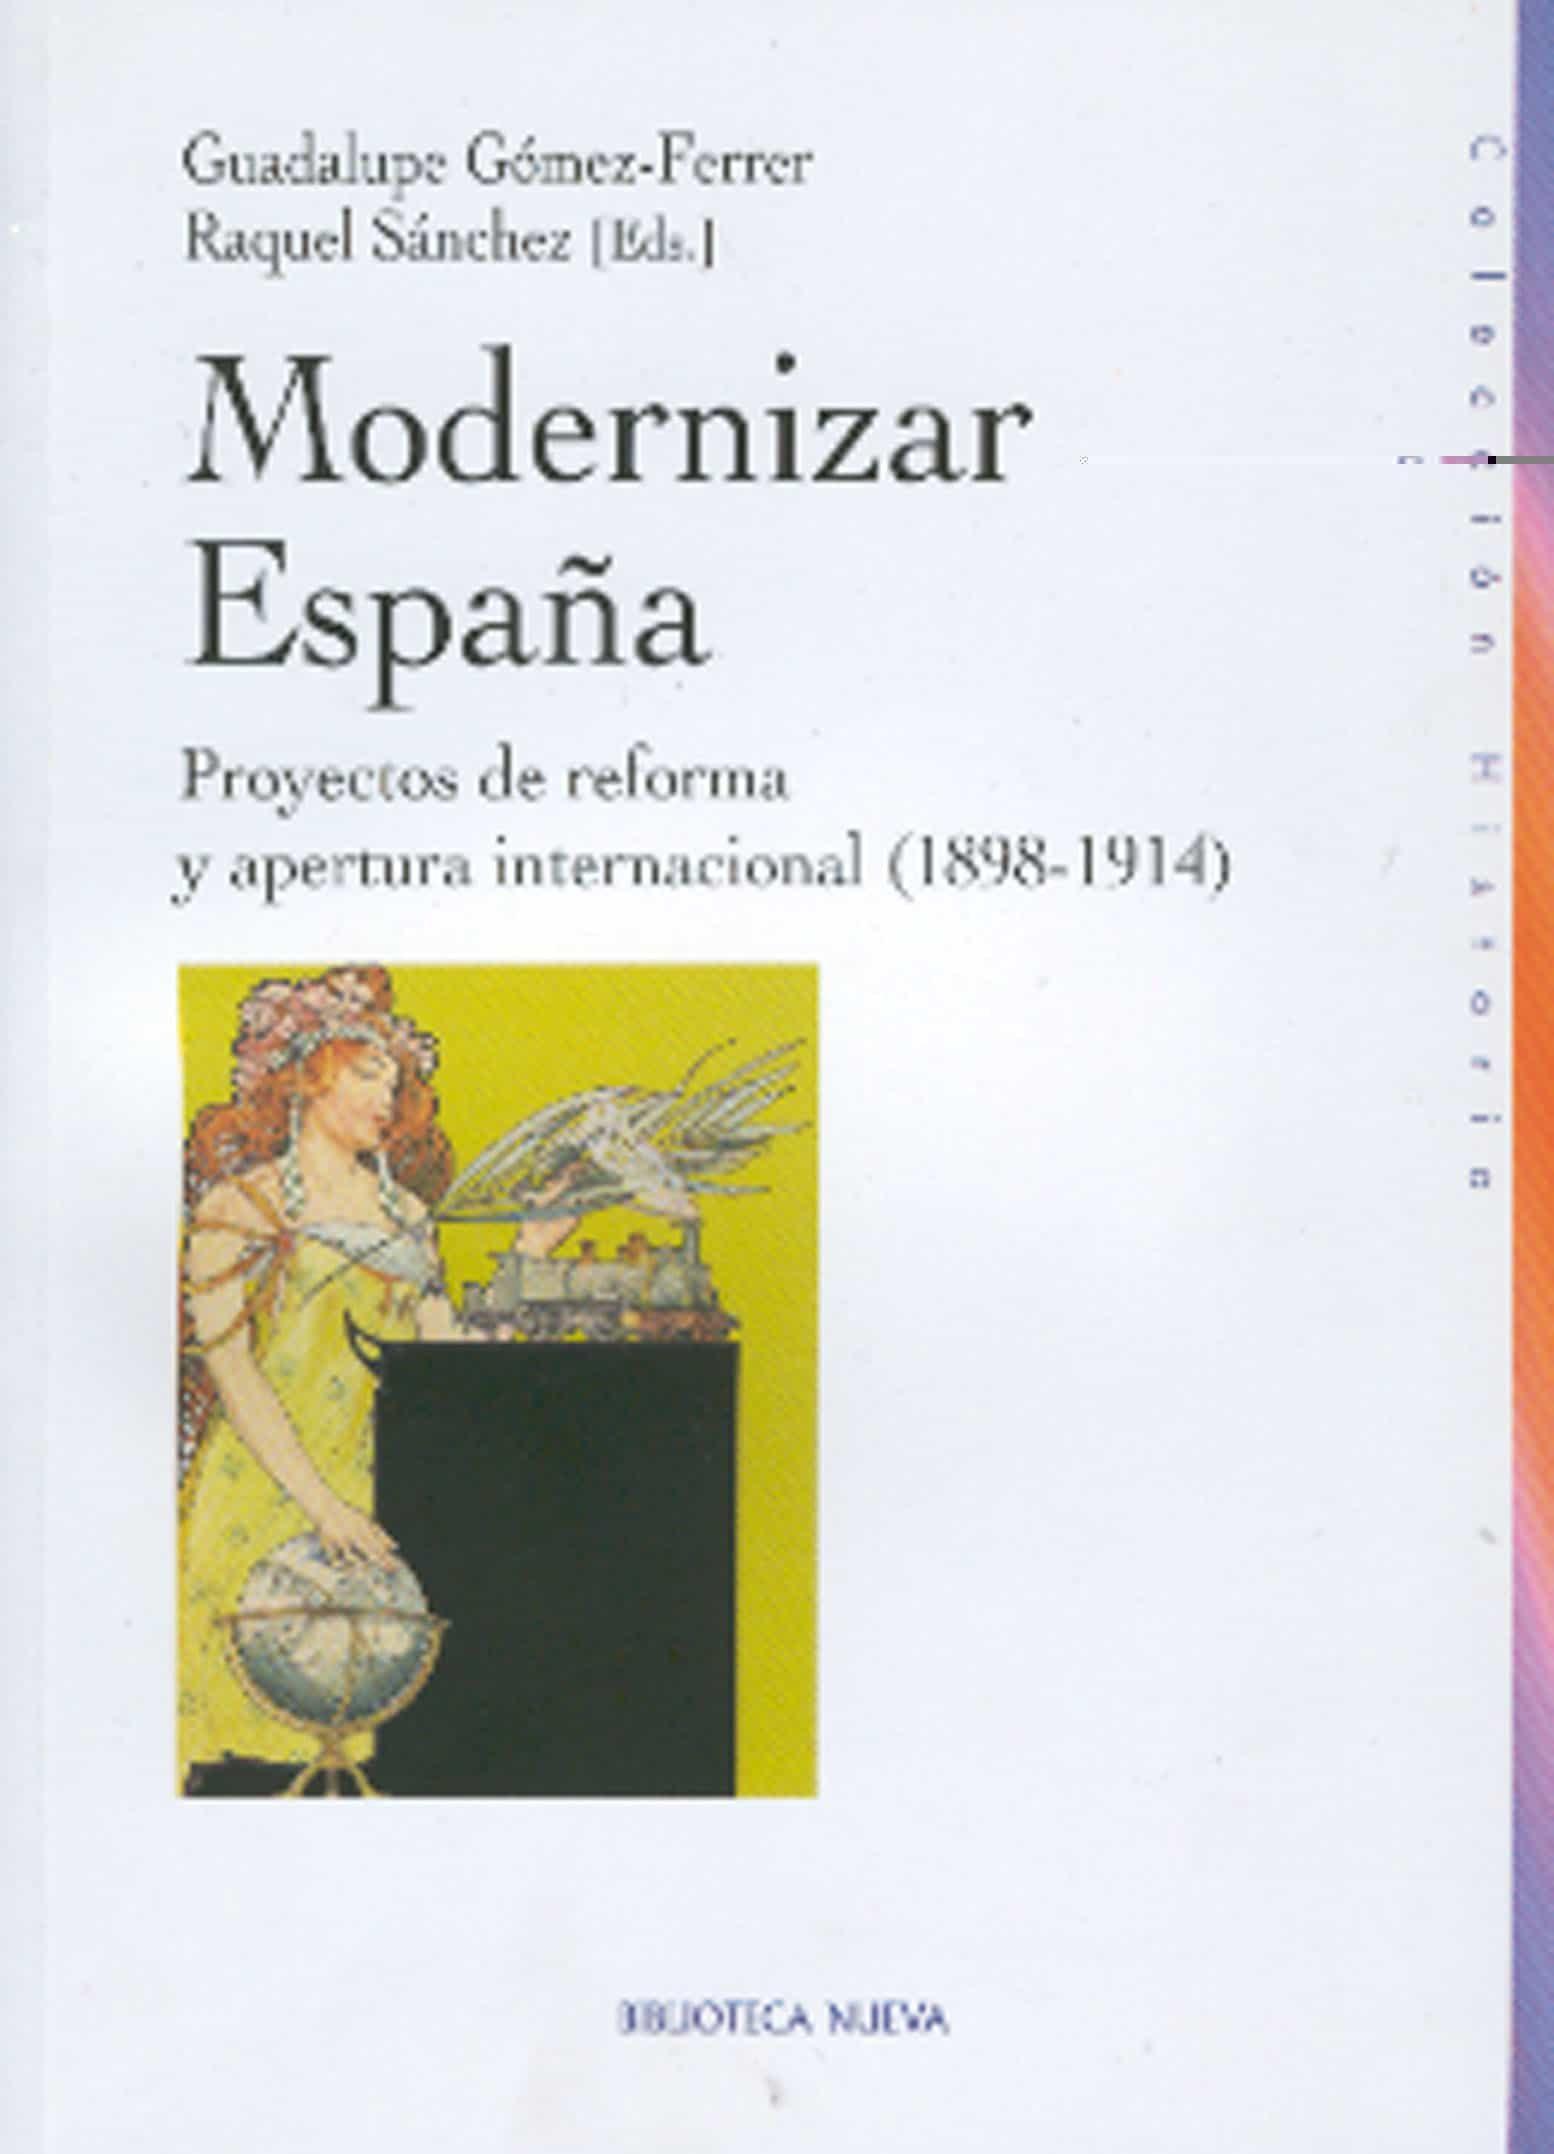 Modernizar España: Proyectos De Reforma Y Apertura Internacional (1898-1914) por Guadalupe Gomez-ferrer